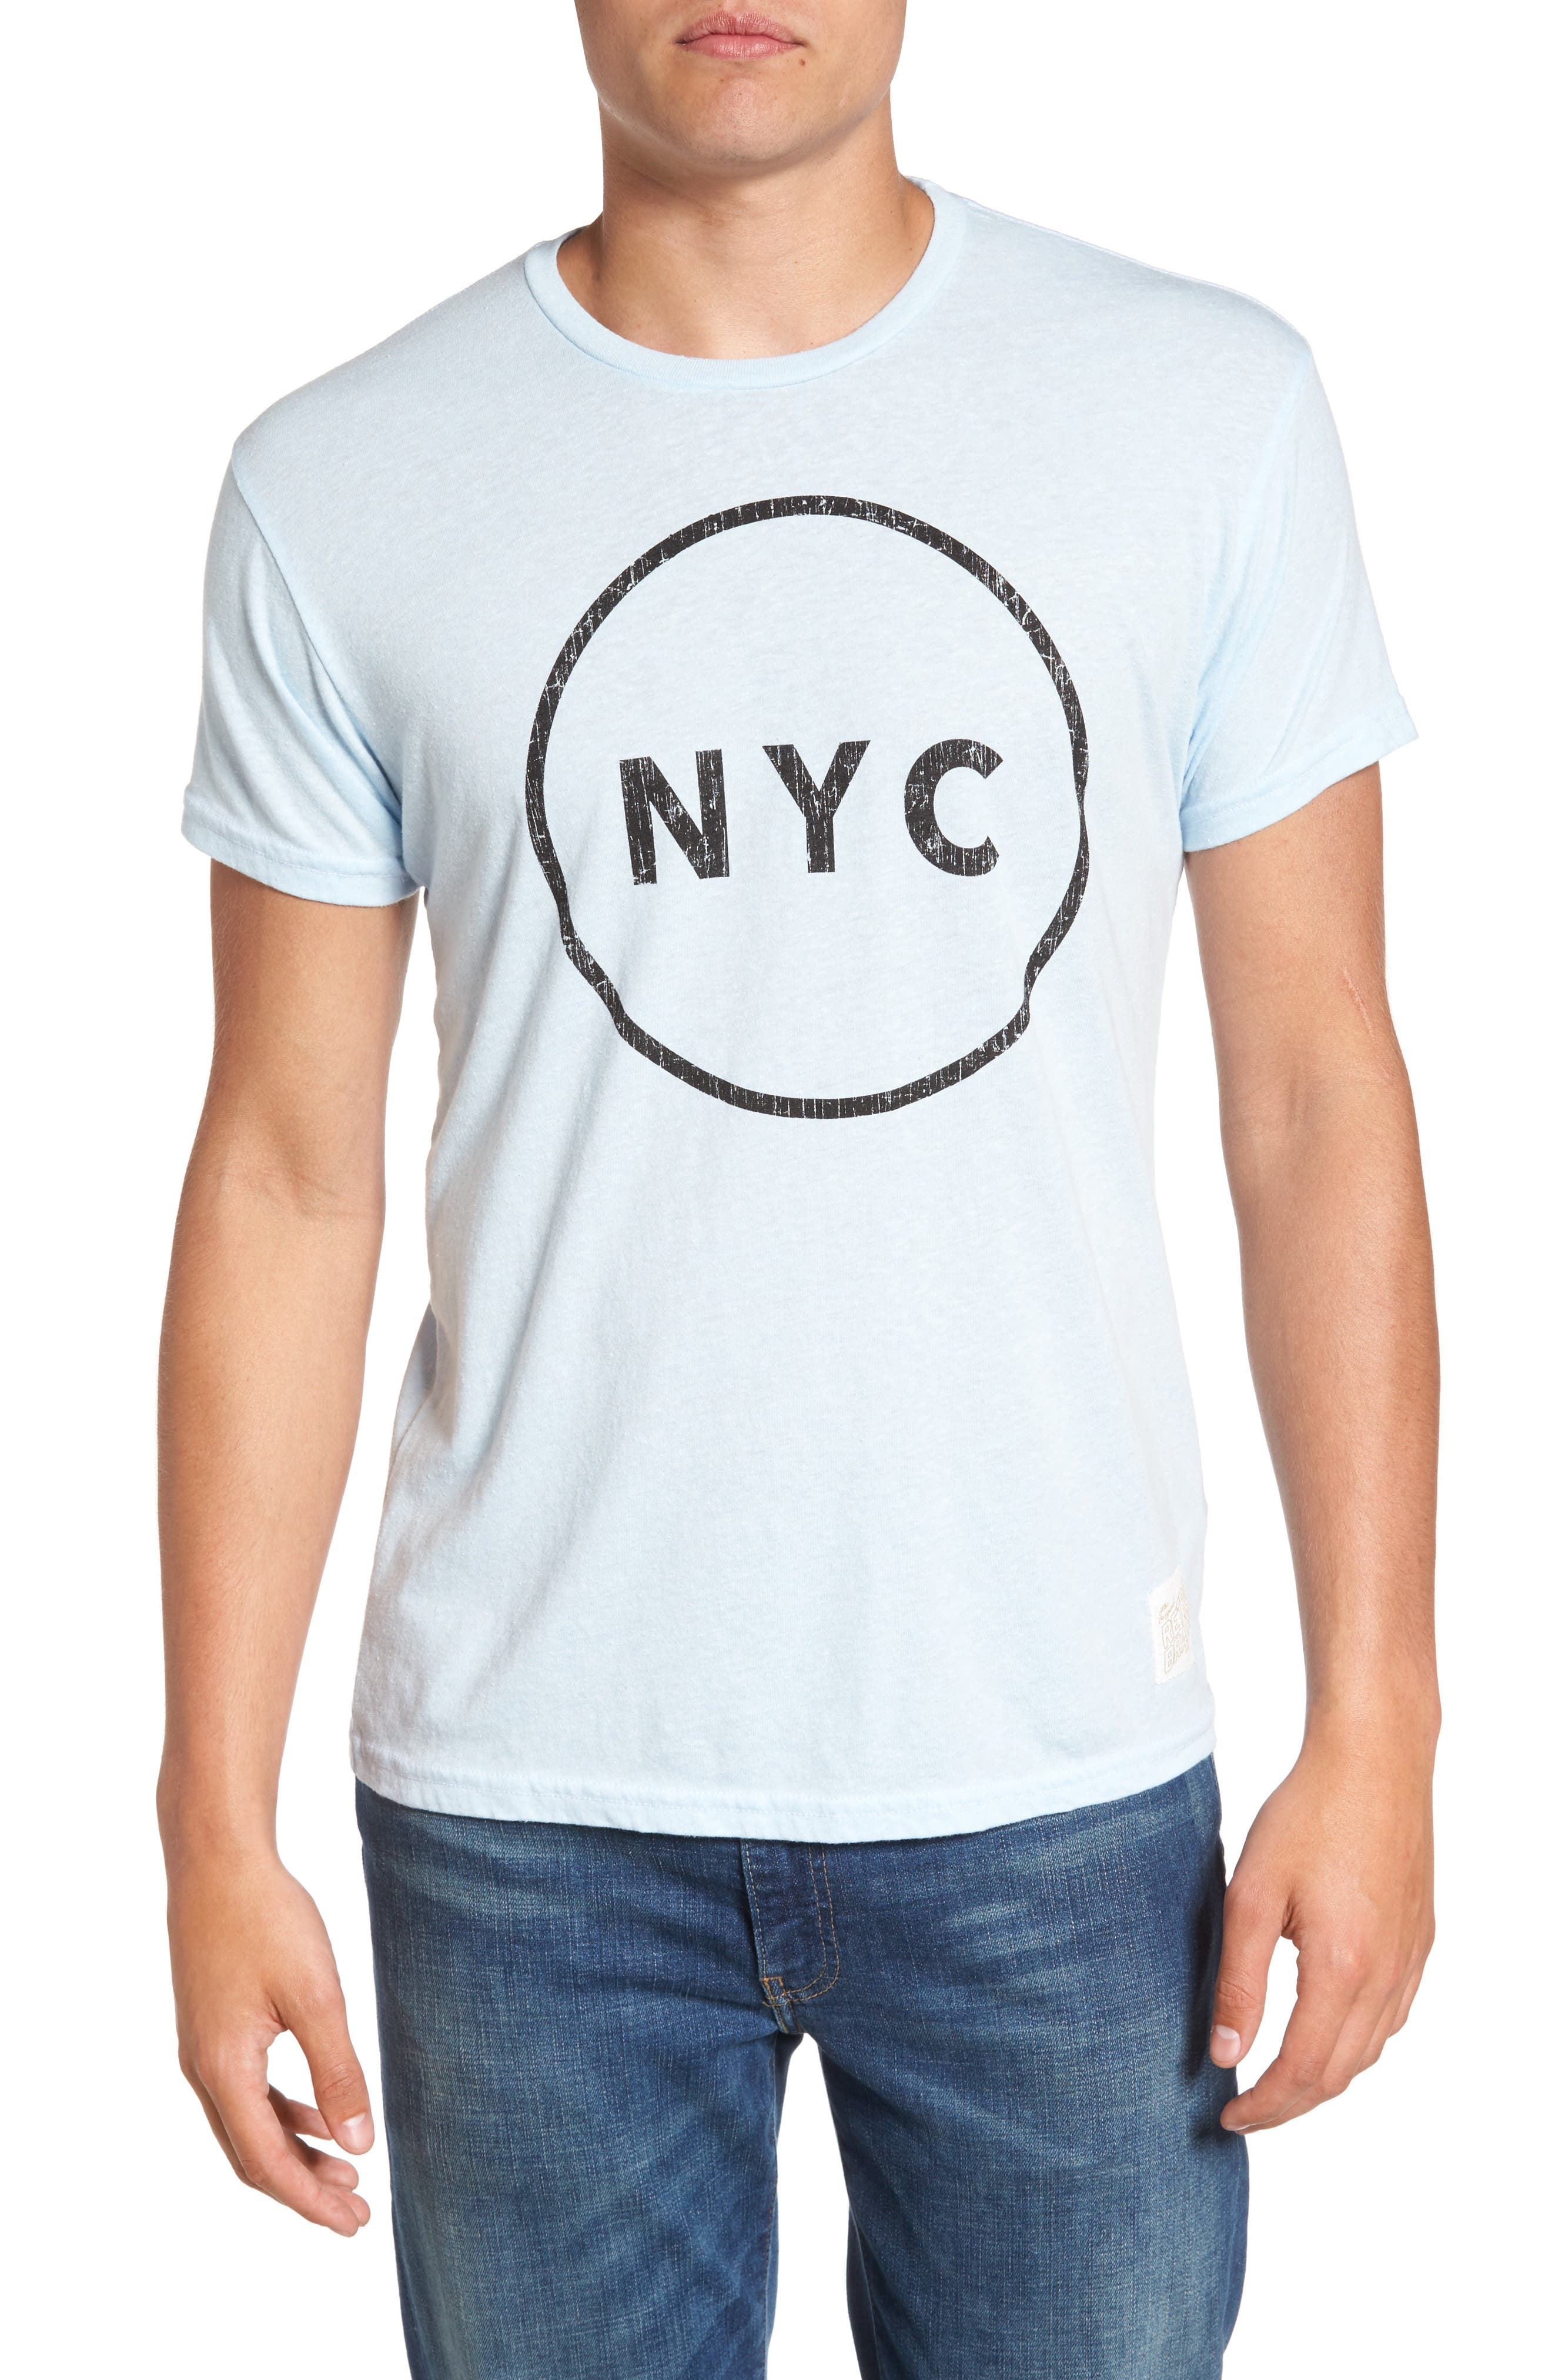 Retro Brand NYC Graphic T-Shirt